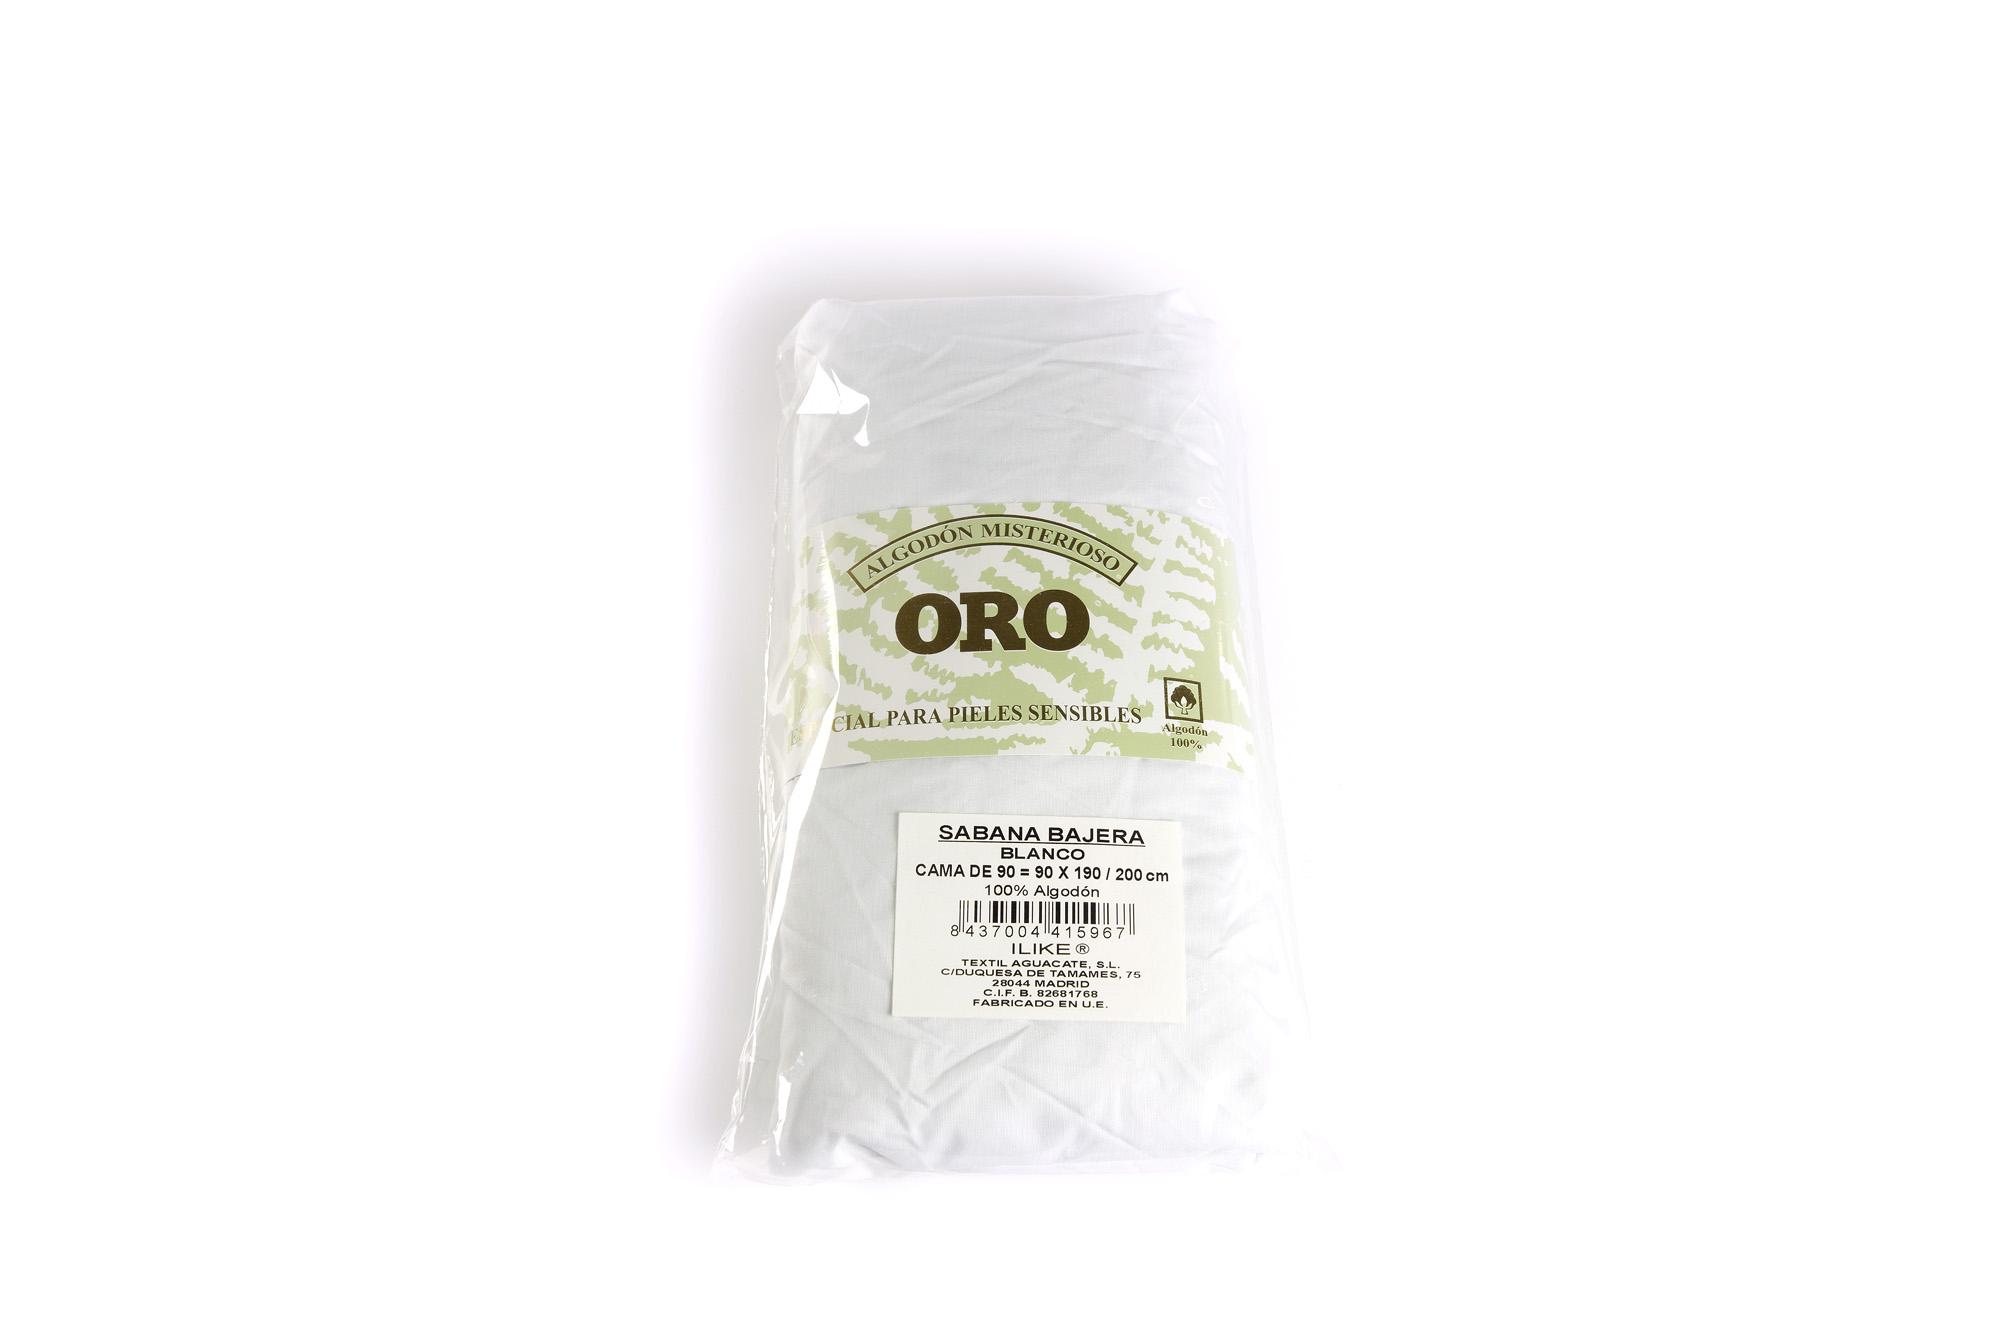 Sabana bajera 100 alg blanca cama de 90 90x190 200 - Camas de 90 blancas ...